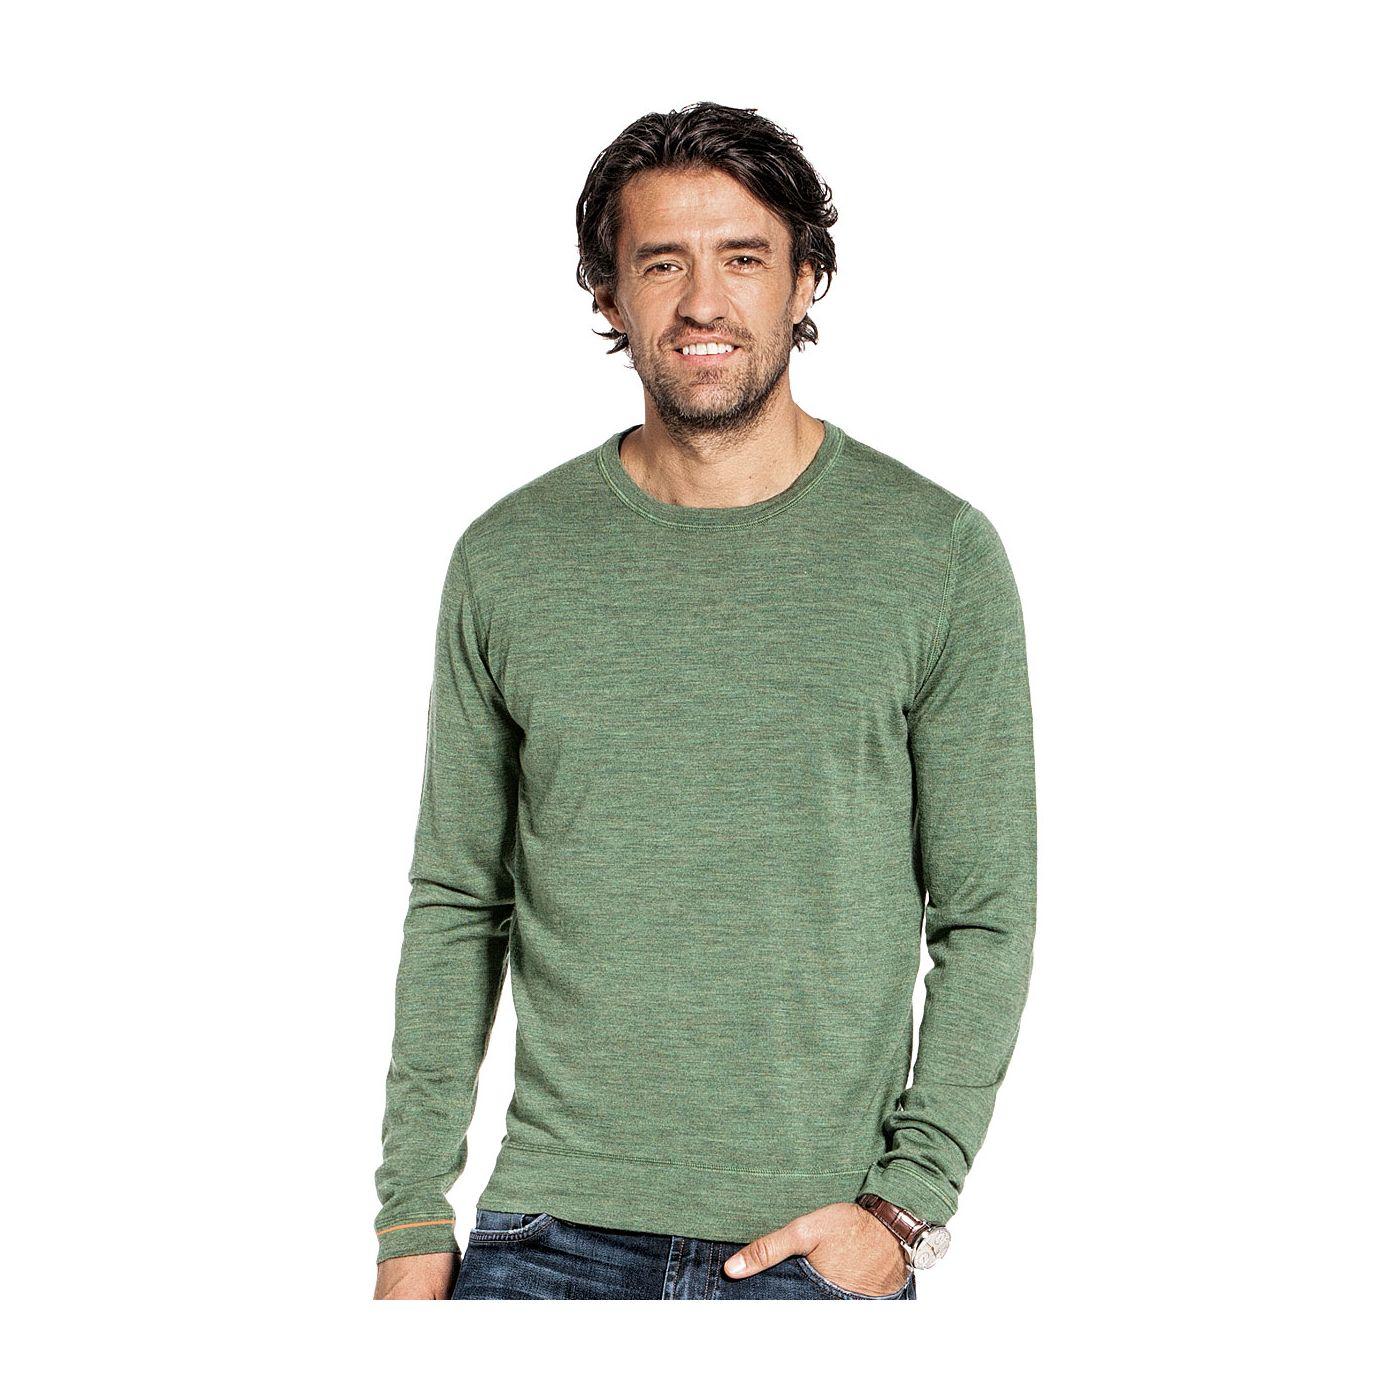 Ronde hals pullover voor mannen gemaakt van merinowol in het Groen